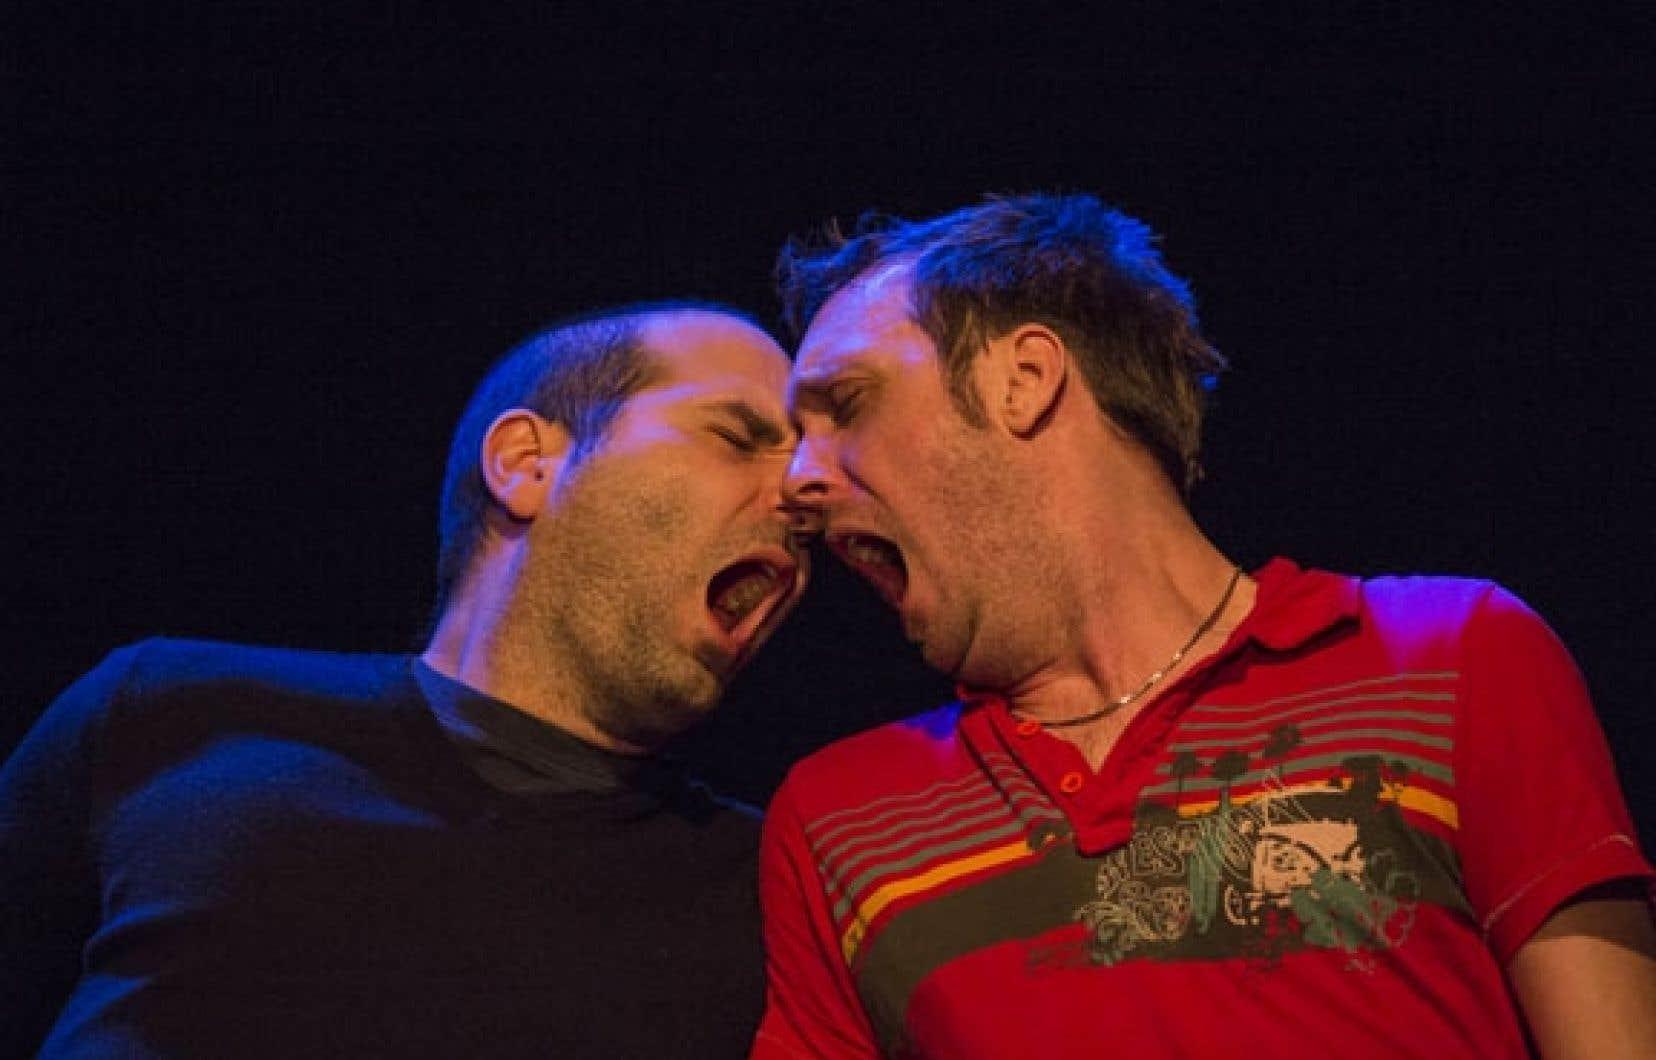 Le texte Dormeurs, de l'États-Unien Christopher Shinn, avec Alexandre L'Heureux et Serge Mandeville sur scène, est aussi cru que sensible.